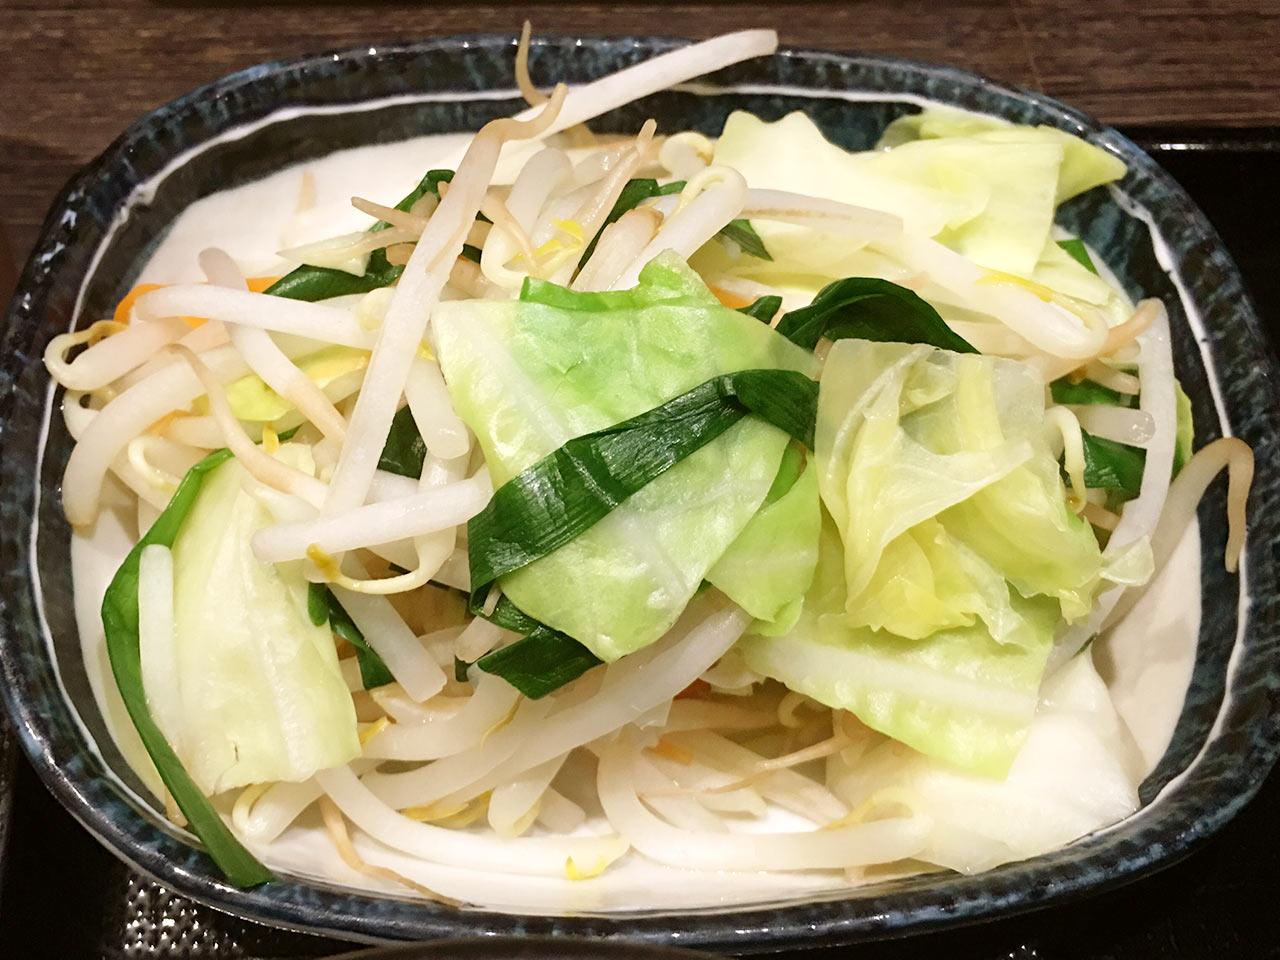 三ツ矢堂製麺の野菜たっぷりつけめんの具材